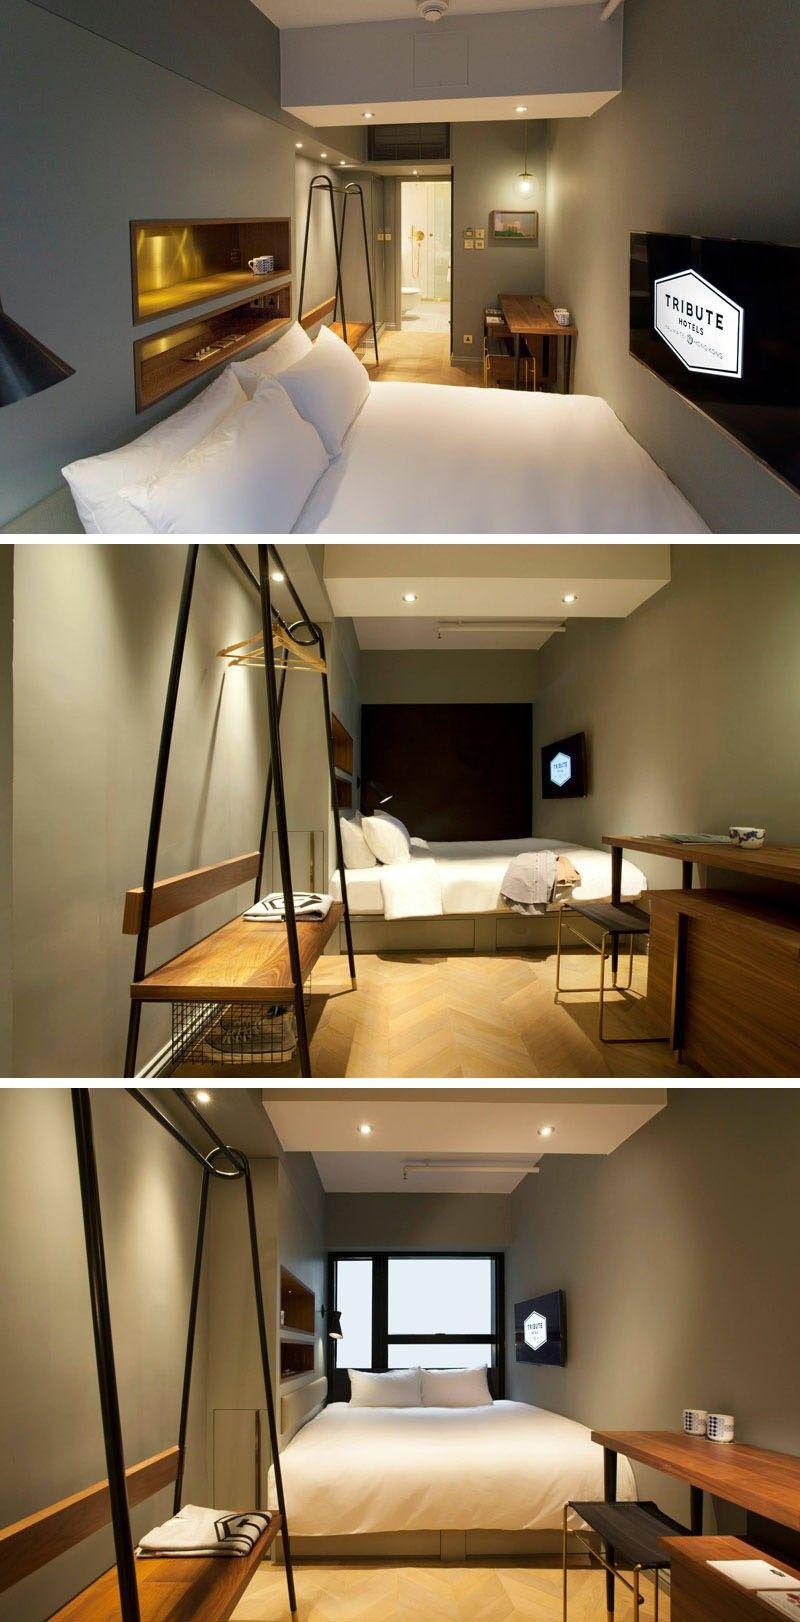 8 Kleine Hotelzimmer Die Ihre Winzigen Raum Zu Maximieren